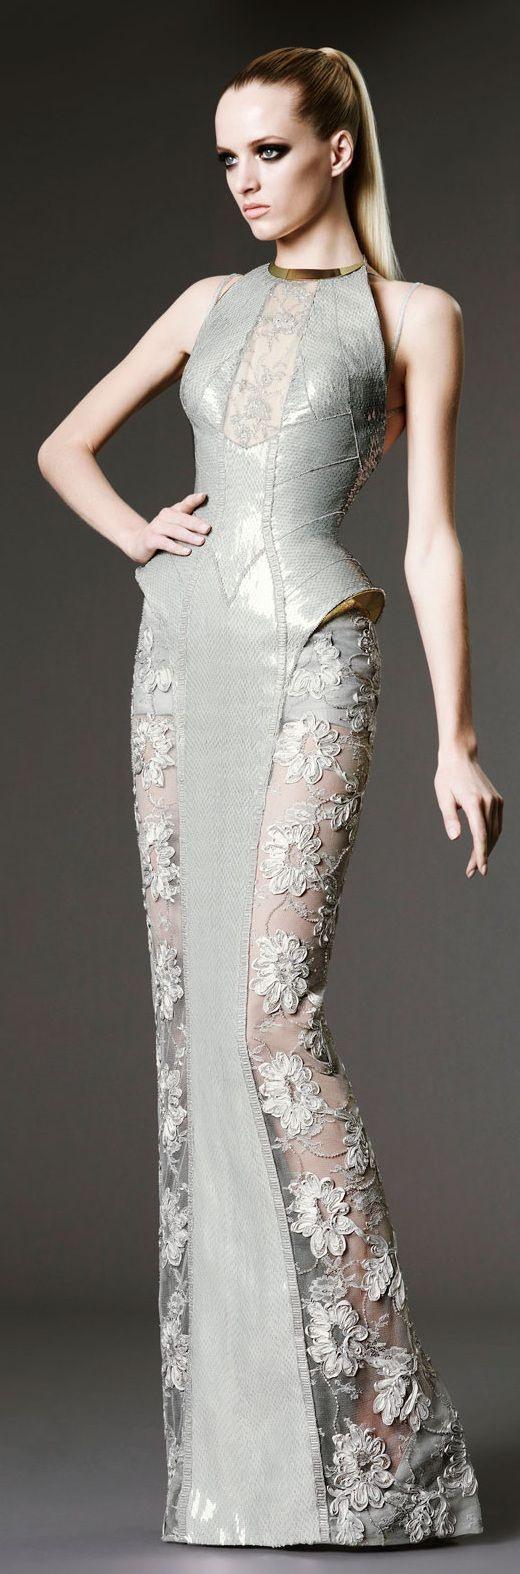 Abend Einzigartig Versace Abendkleider Bester Preis17 Genial Versace Abendkleider Spezialgebiet